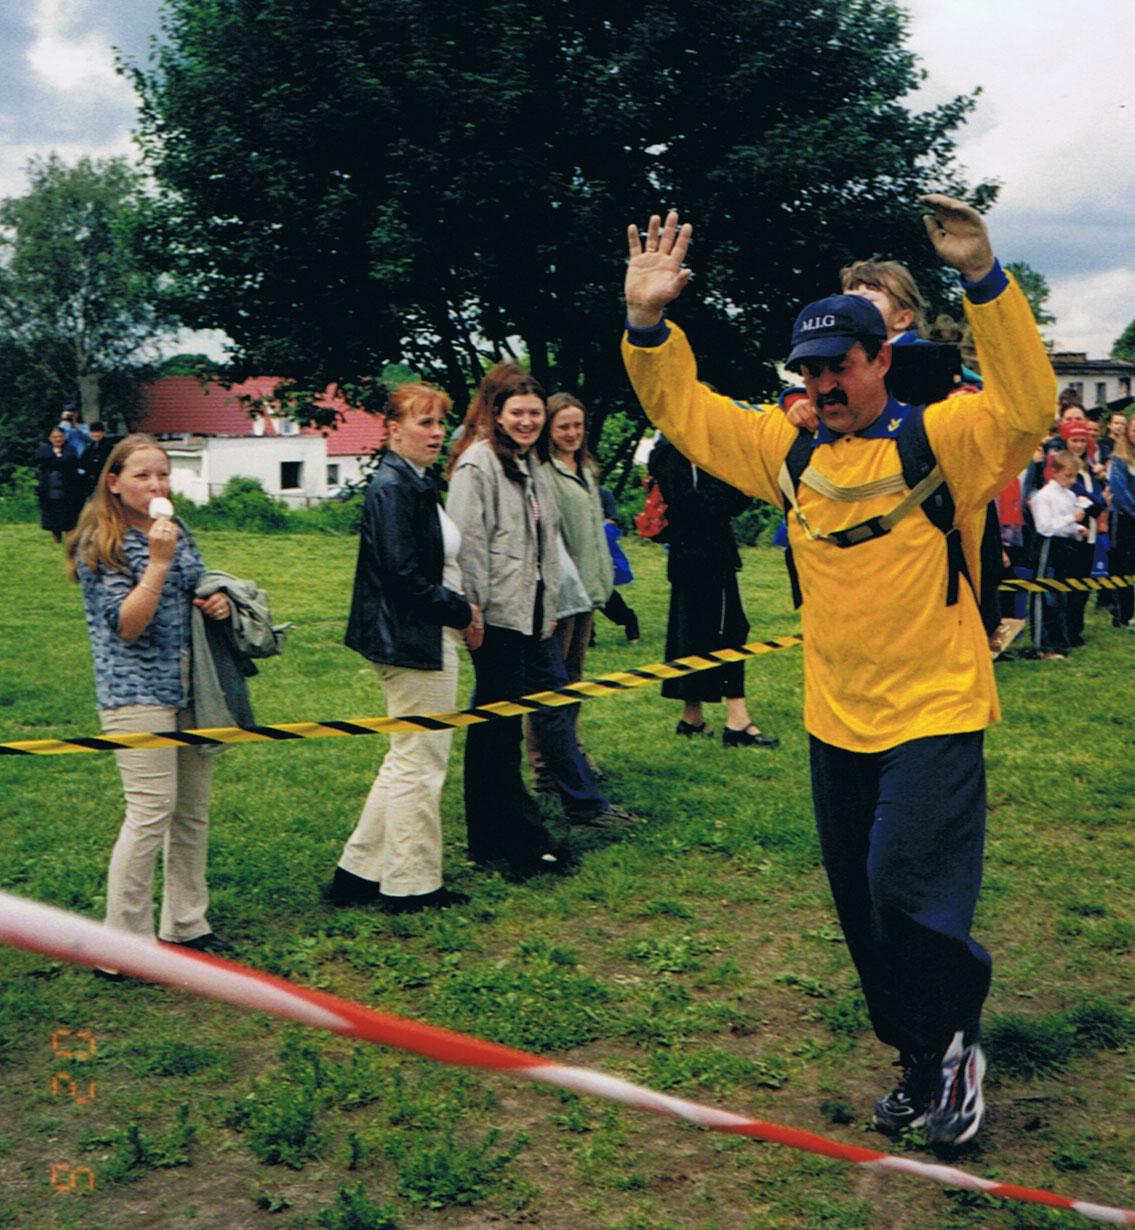 Bieg na 8 km w Kwakowie. Z Marysią w plecaku Romuald biegał przez lata 2004, 2005 i 2006.